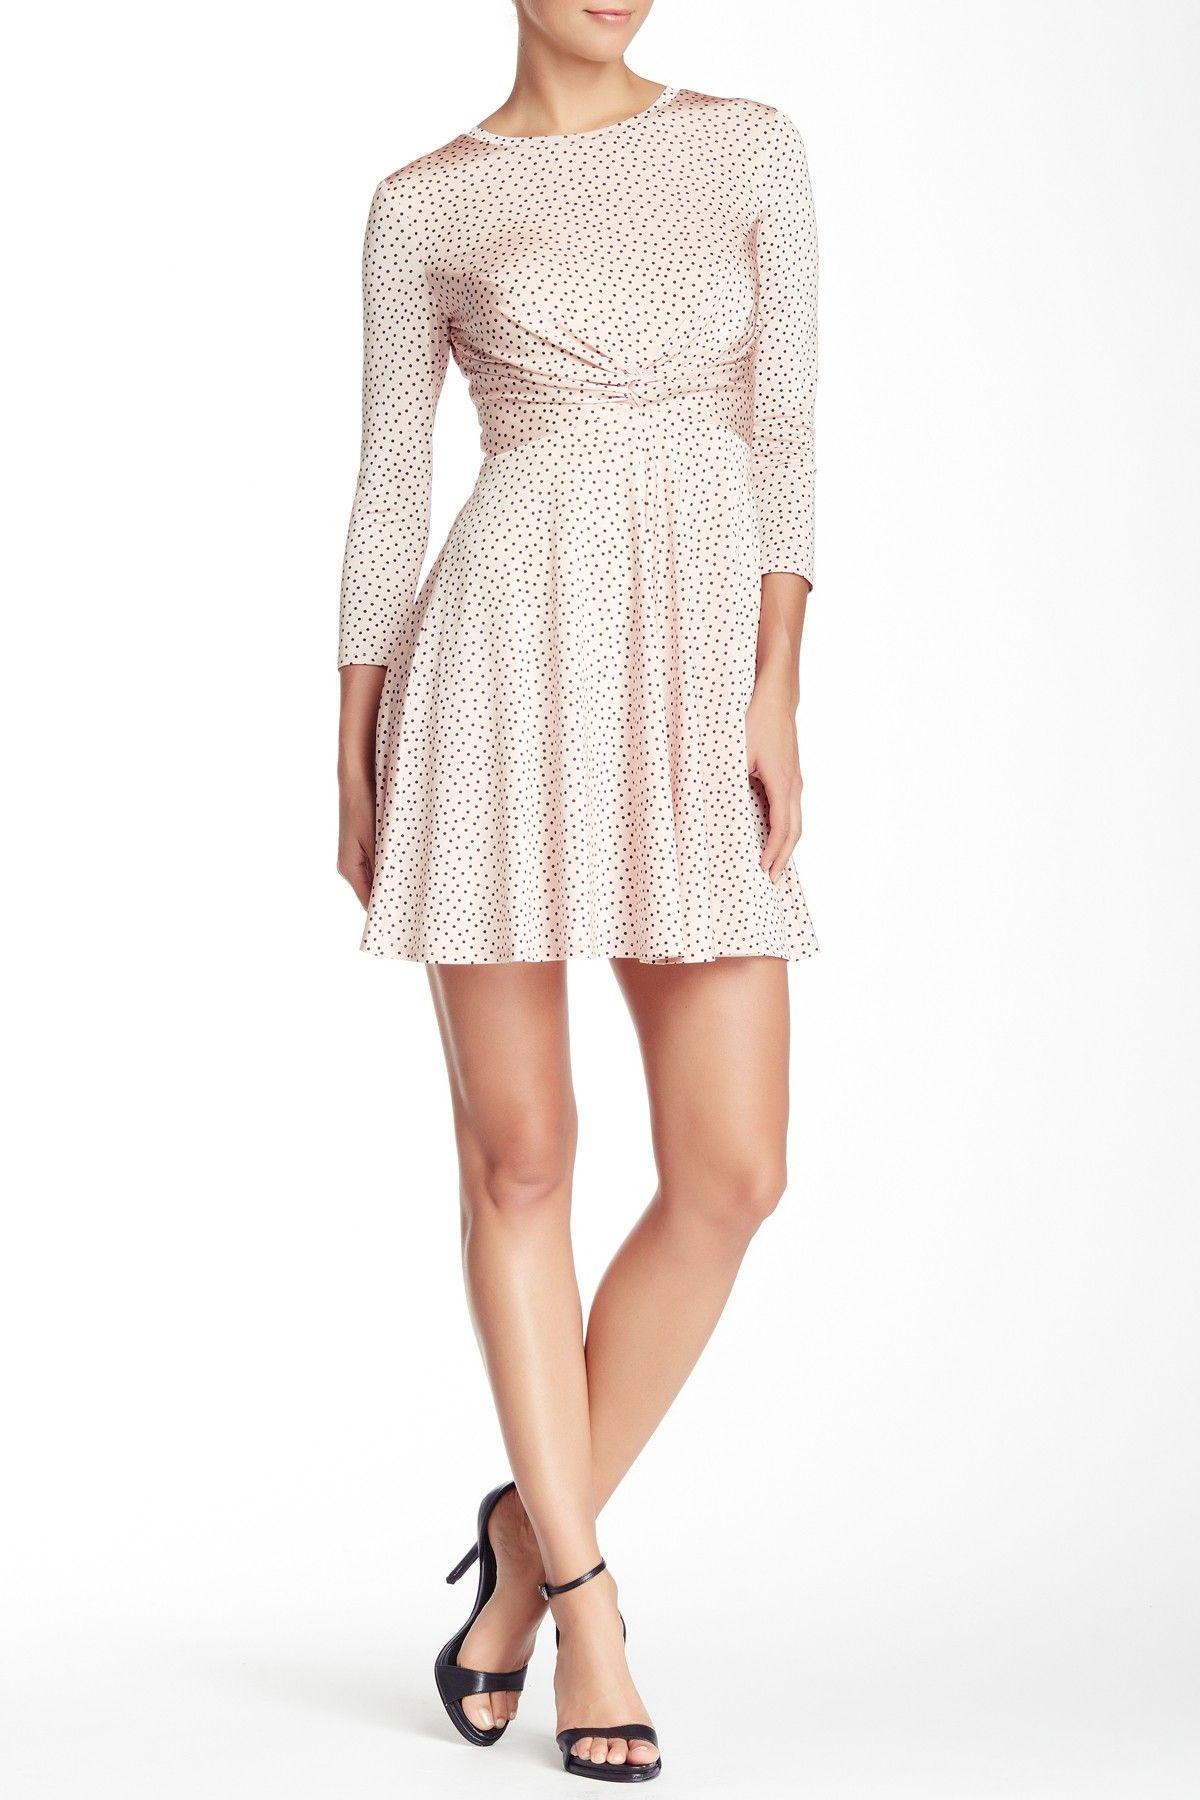 b4ae8e77f3a 3 4 Sleeve Twist Front Dotted Dress by A.B.S. by Allen Schwartz on   HauteLook